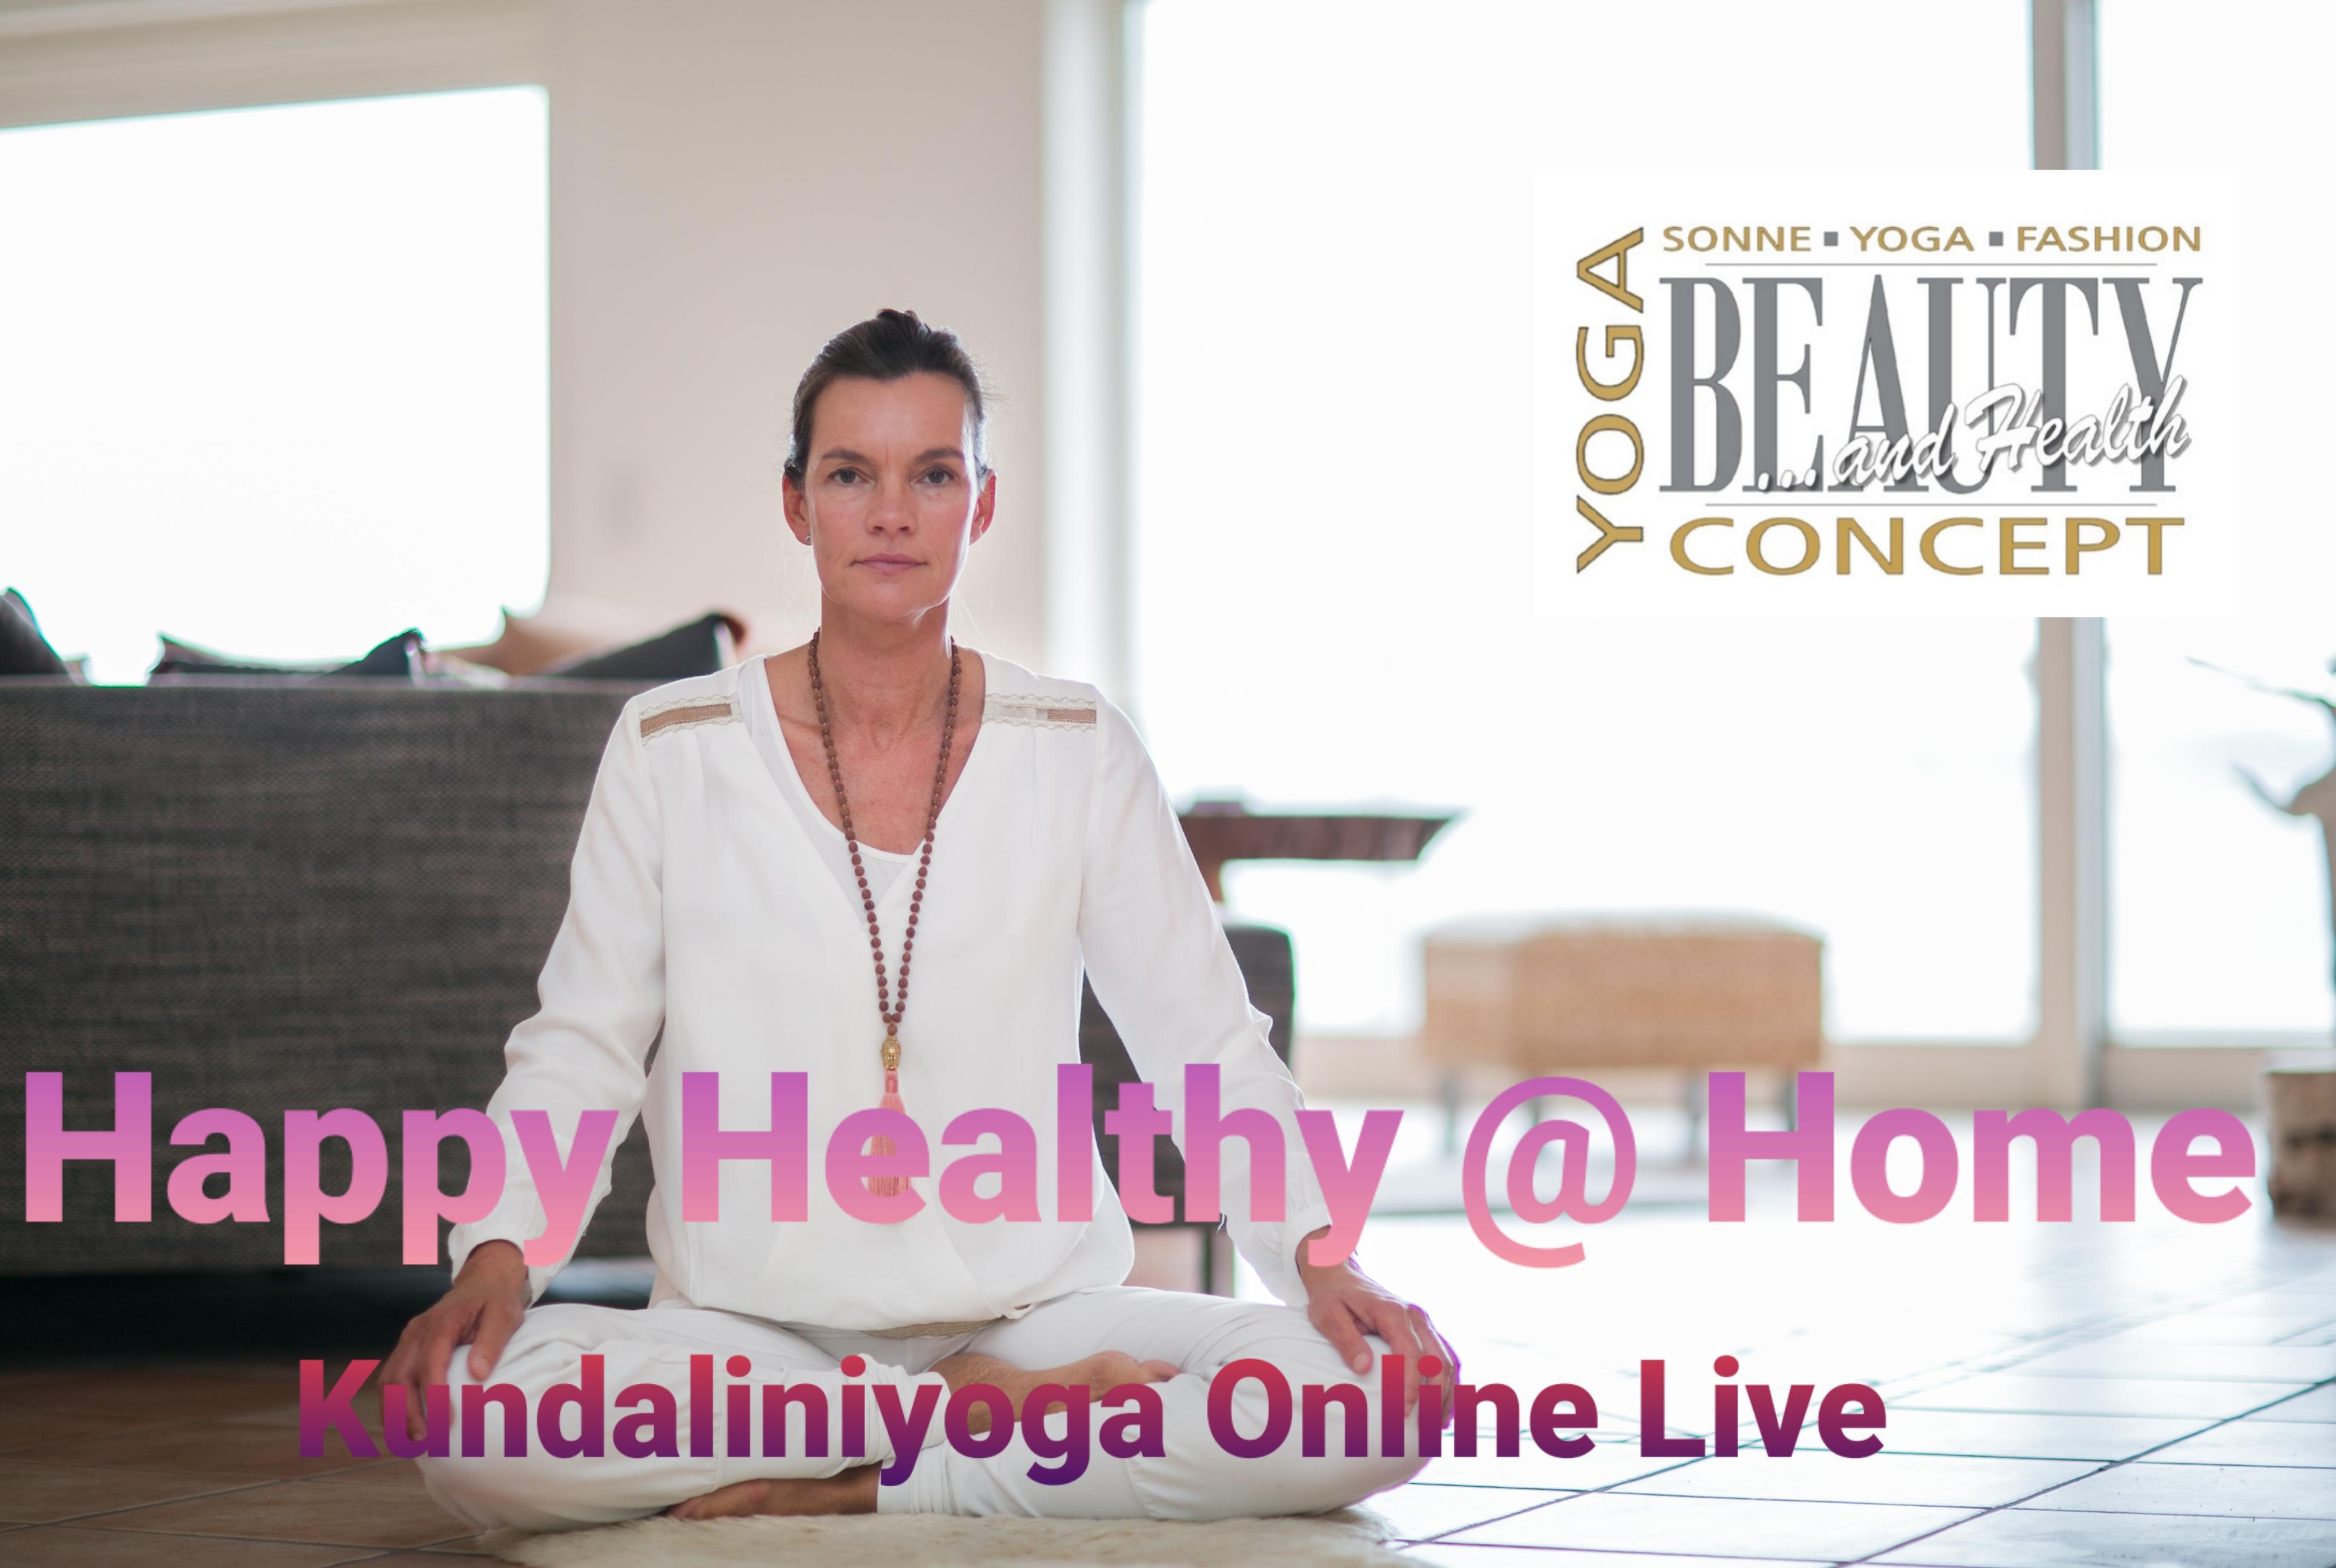 Kundaliniyoaga Online Live